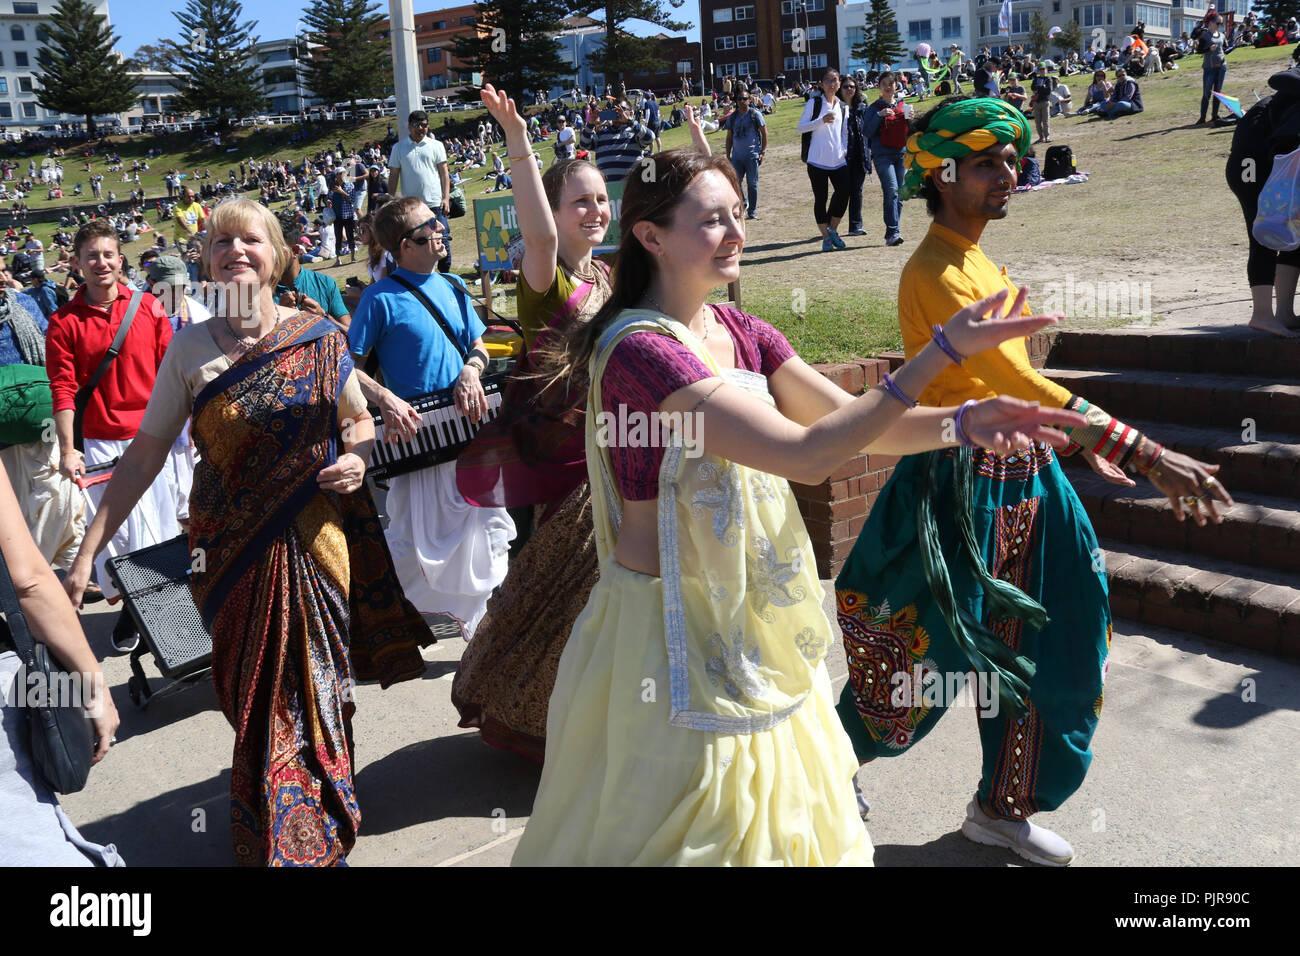 Seguidores de Hare Krishna en Bondi Beach, Sydney, Australia. Foto de stock